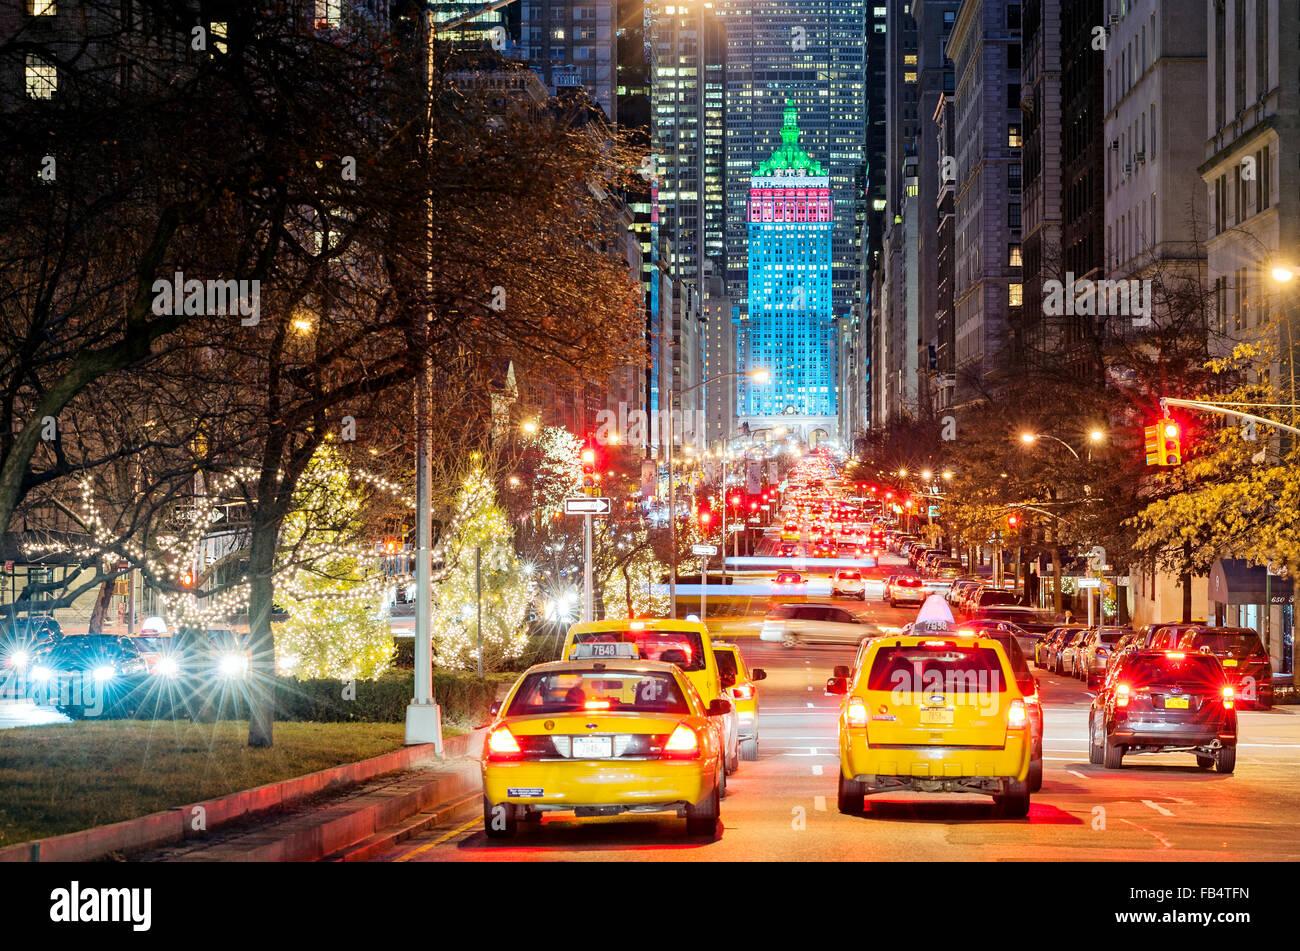 Christmas In New York.New York Christmas New York Street Park Avenue Decorations